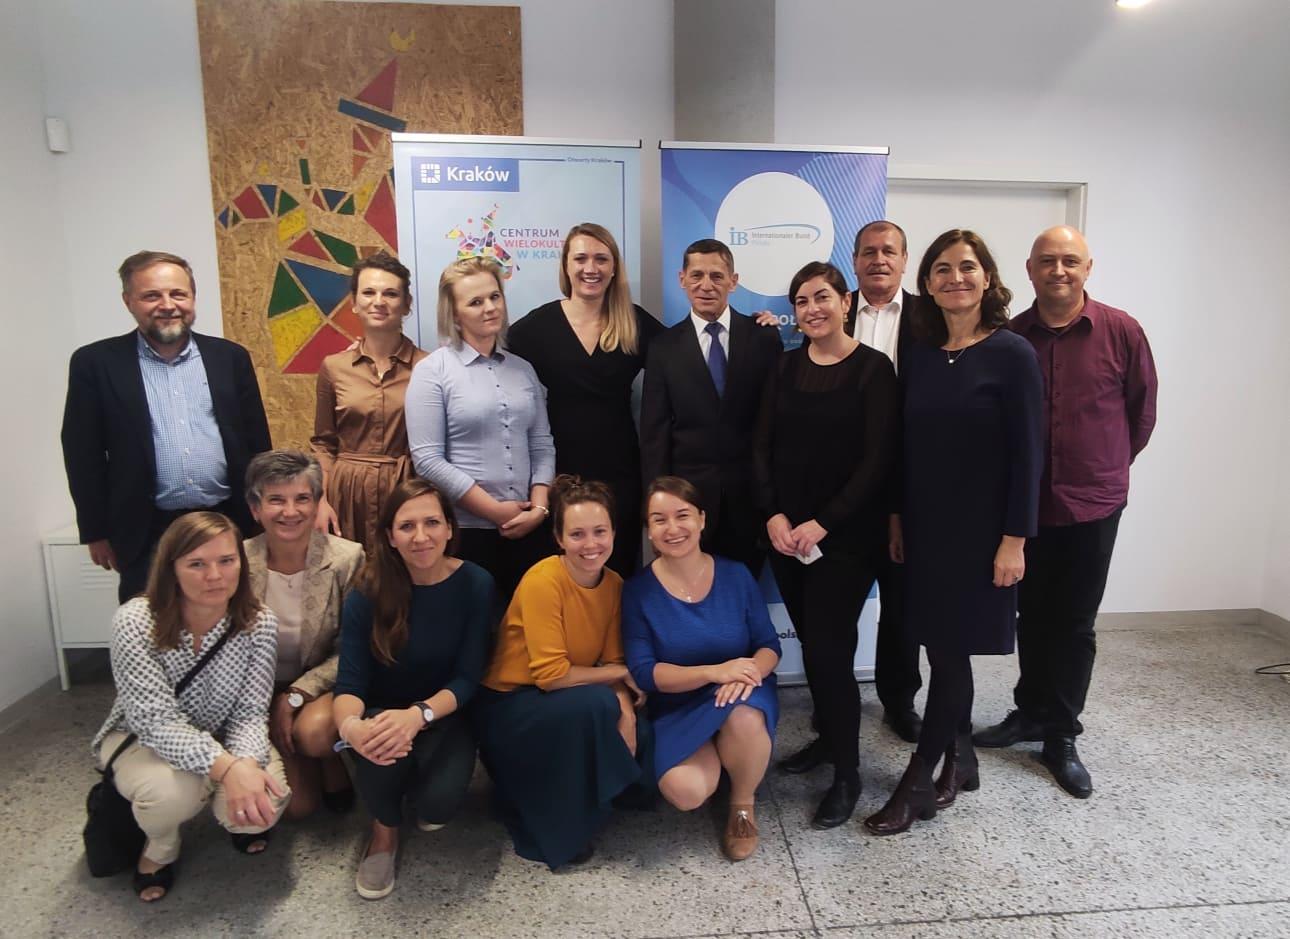 Część zespołu Fundacji IB Polska podczas oficjalnego otwarcia nowej siedziby w Krakowie (zdjęcie grupowe)